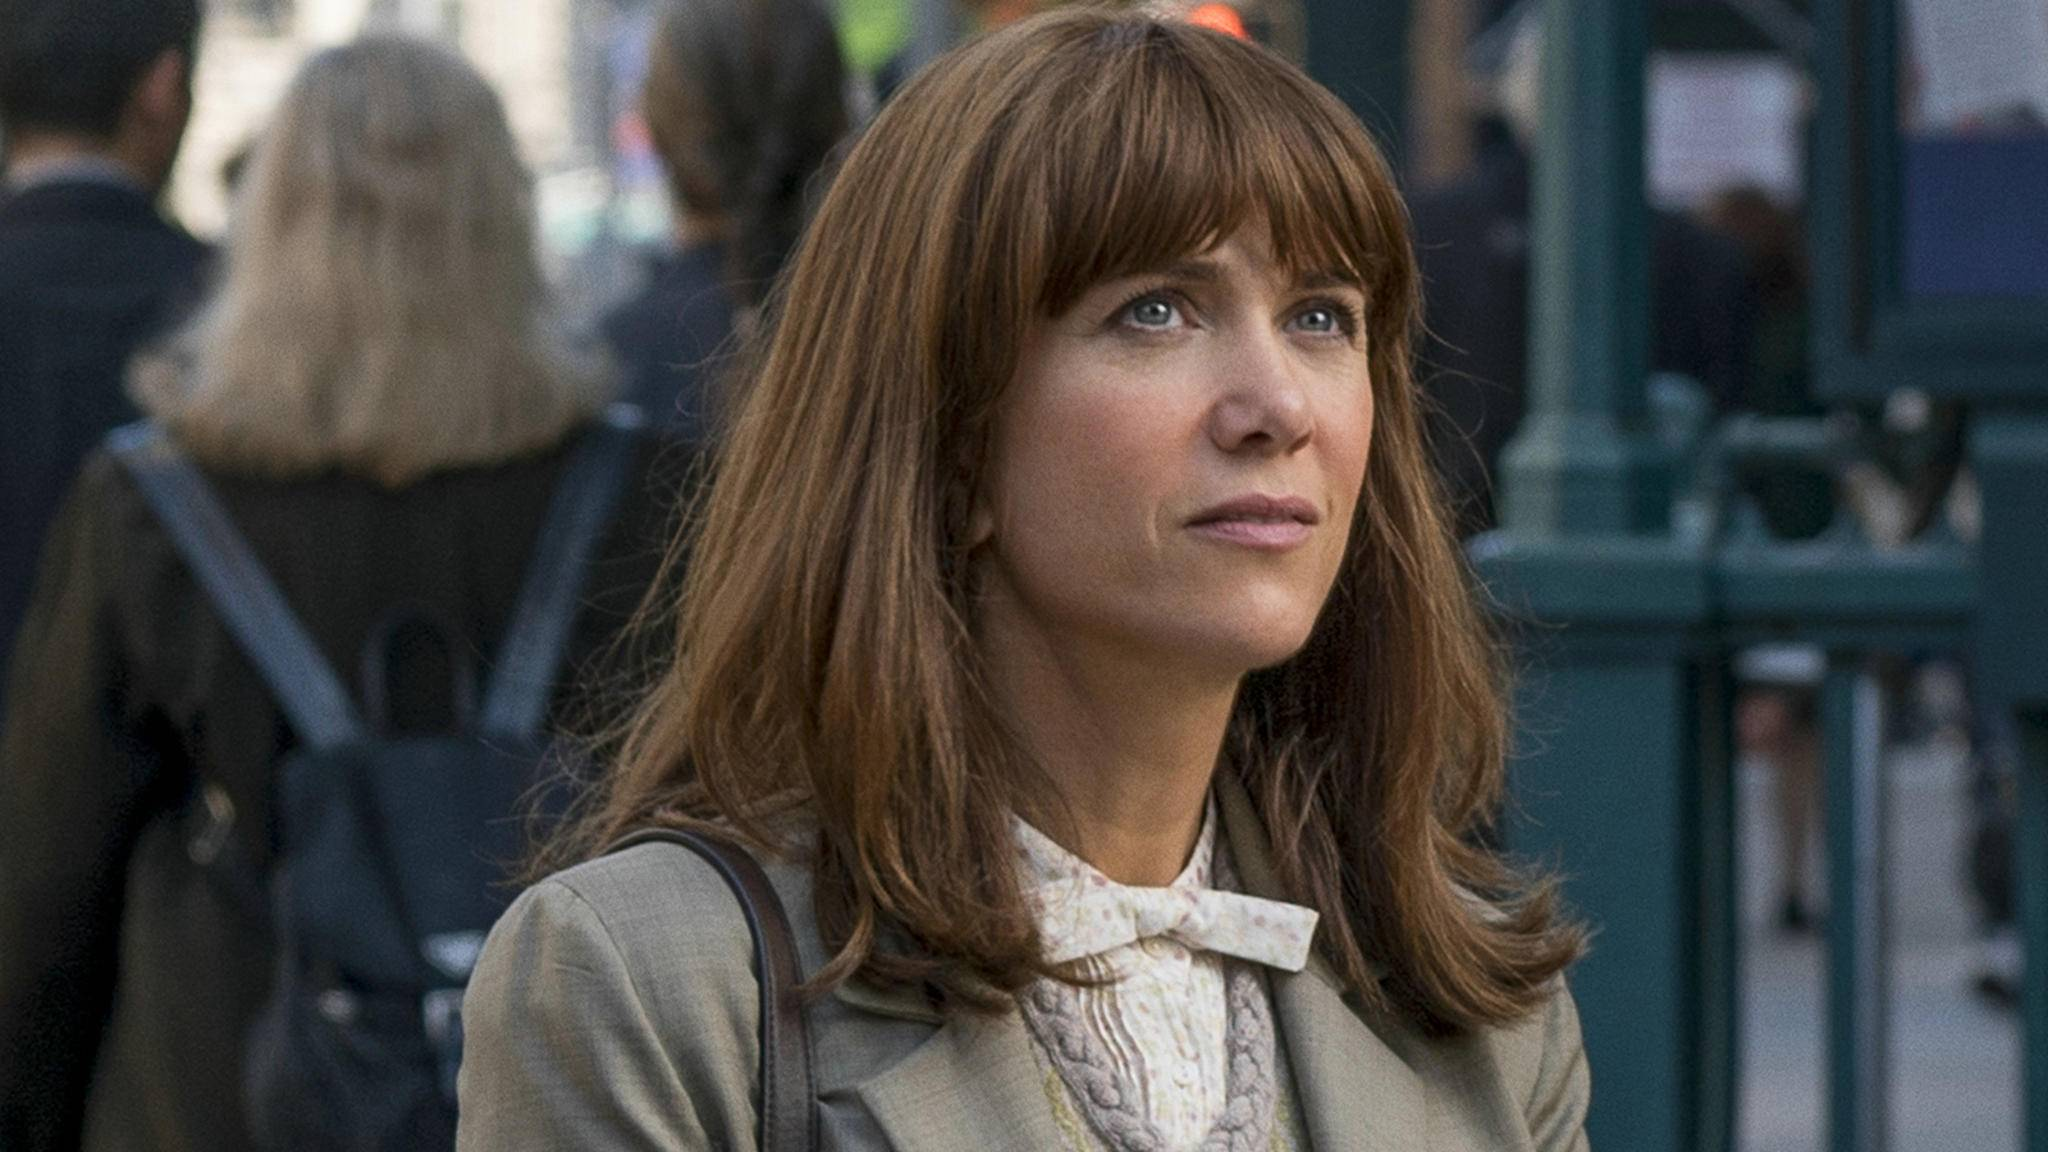 """Auch in """"Ghostbusters"""" (2016) verbarg der Charakter von Kristen Wiig bereits ein übernatürliches Geheimnis hinter einer braven Fassade ..."""